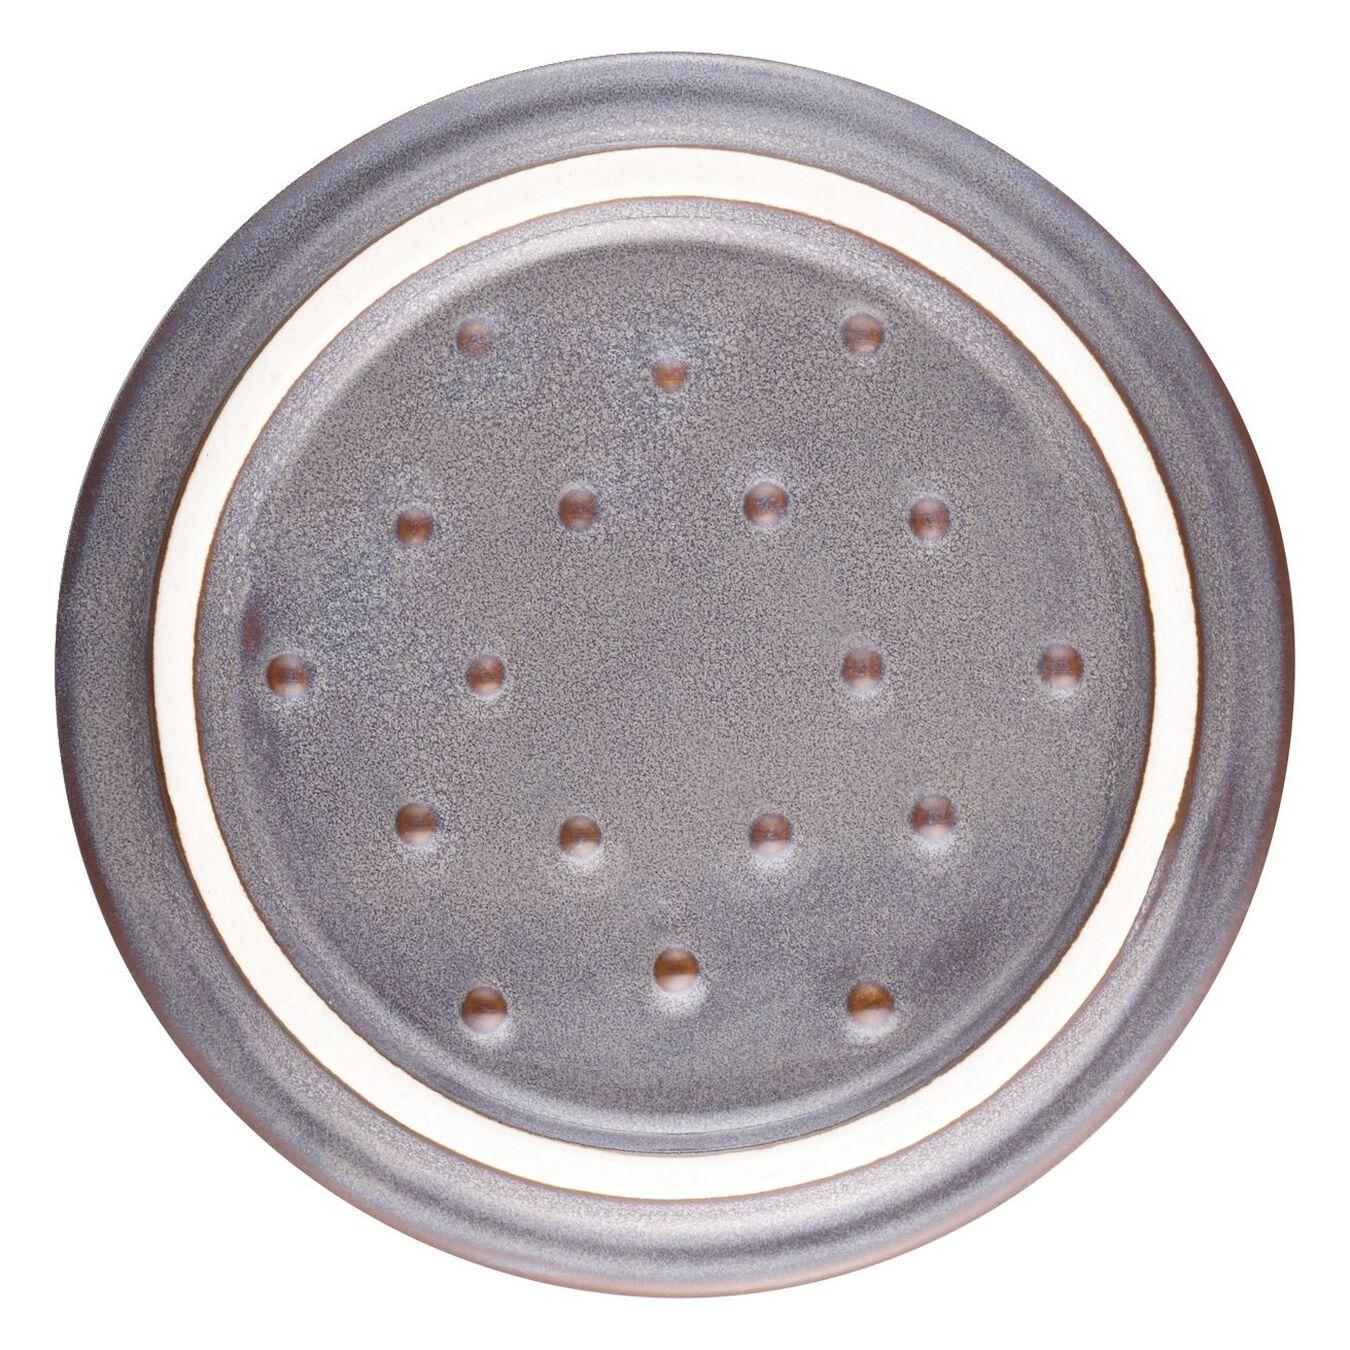 Minigryta 10 cm, Rund, Antik grå, Keramiskt,,large 5